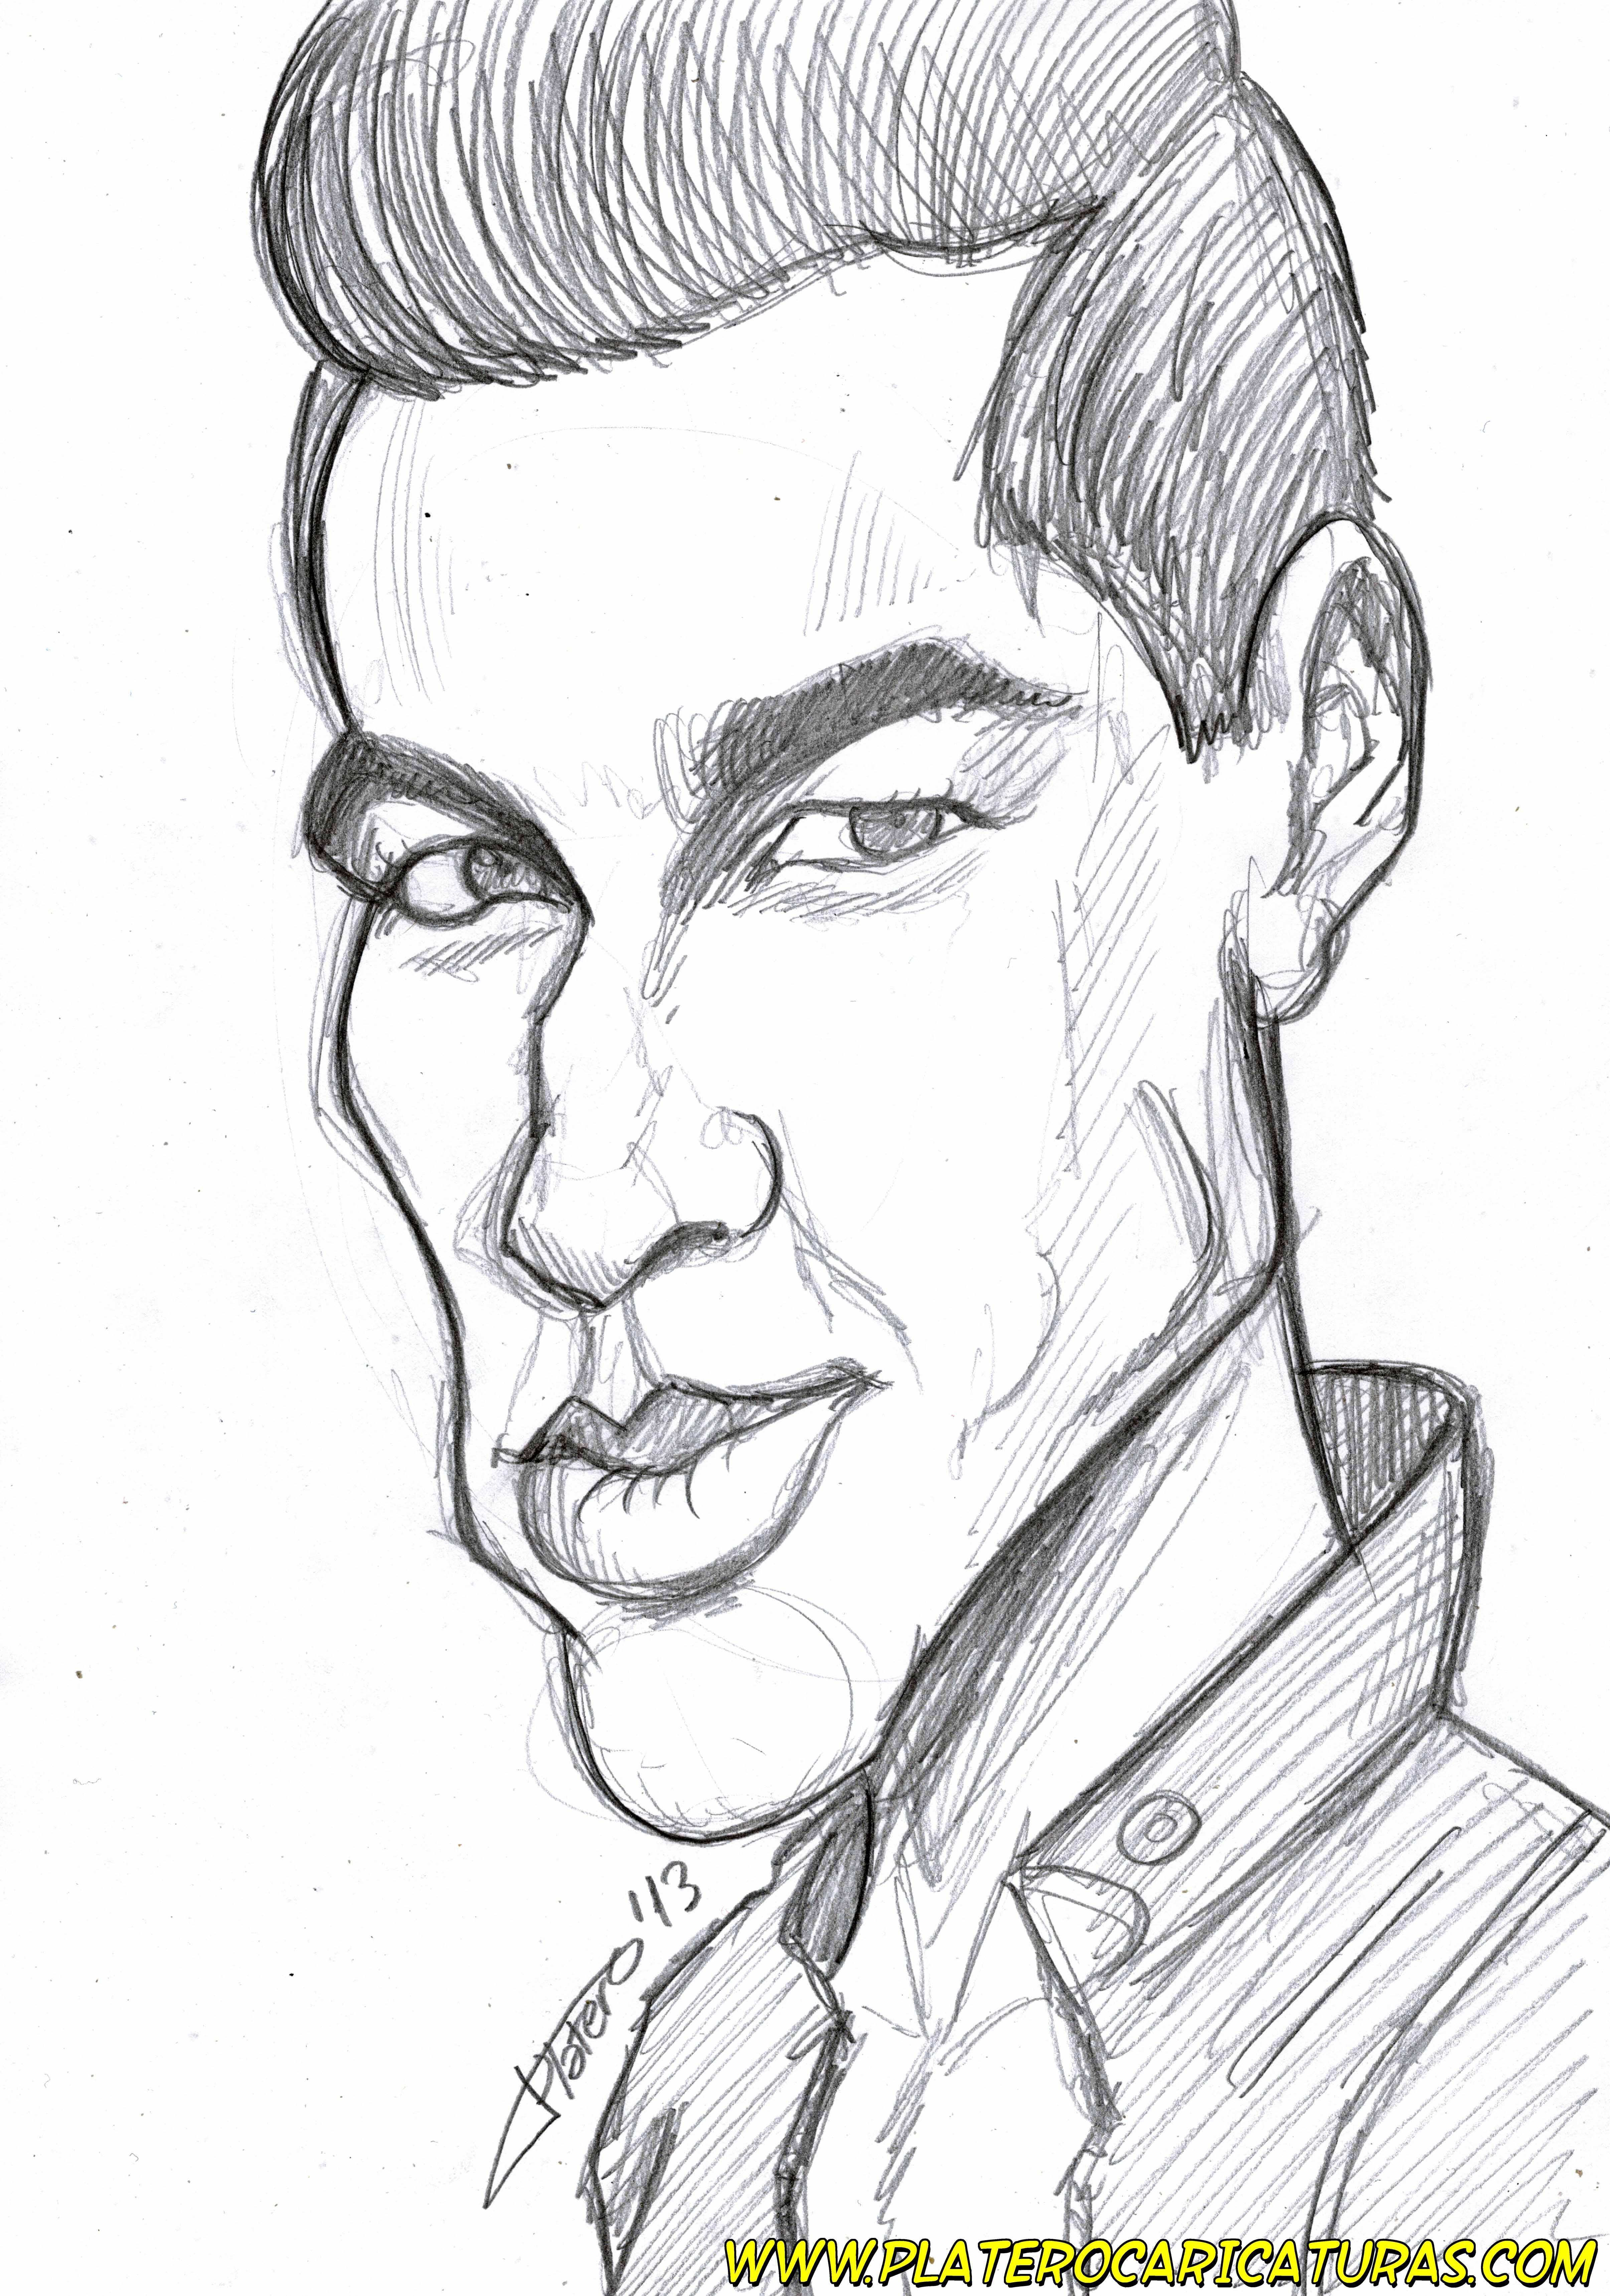 Caricatura a lápiz Mario Casas_platerocaricaturas_José Luis Platero dibujante ca